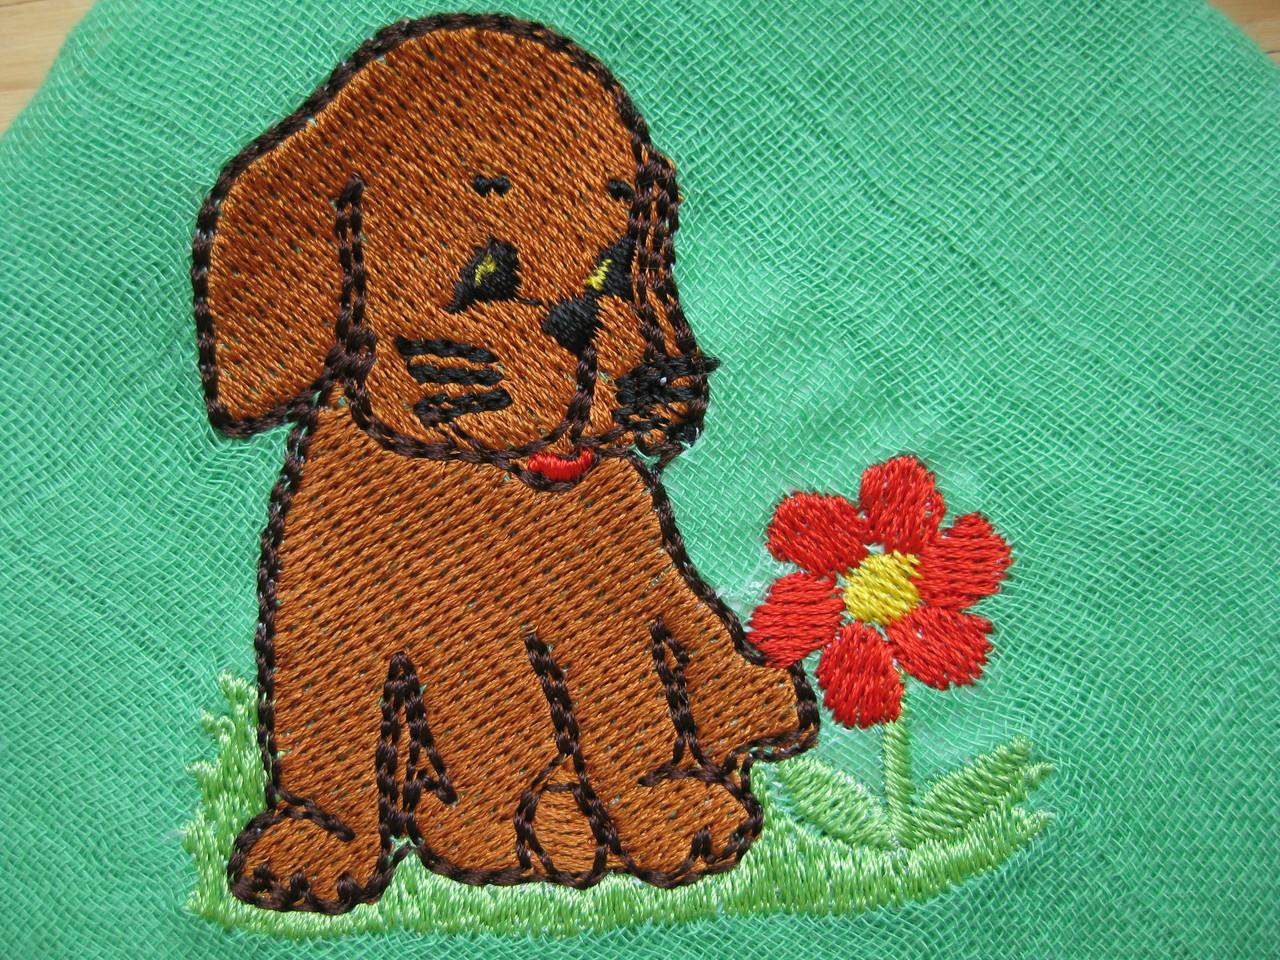 Hund mit Blume auf Nuscheli